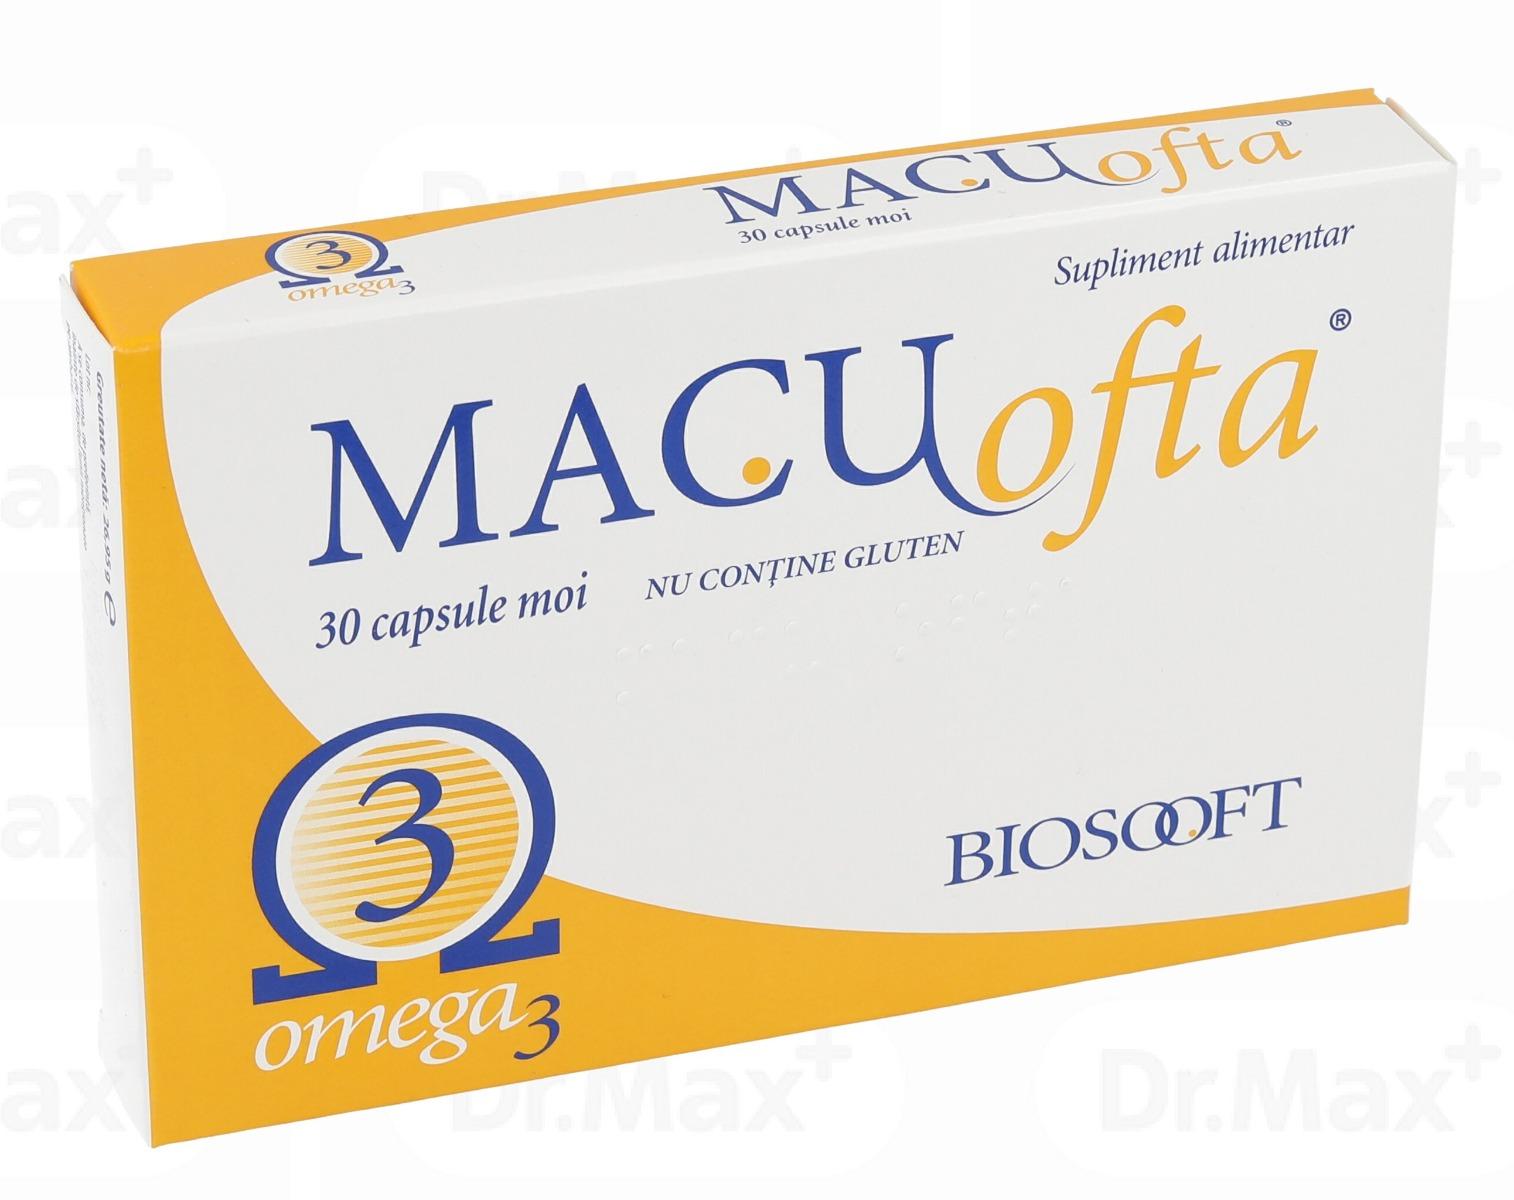 Macuofta, 30 capsule, BioSooft imagine produs 2021